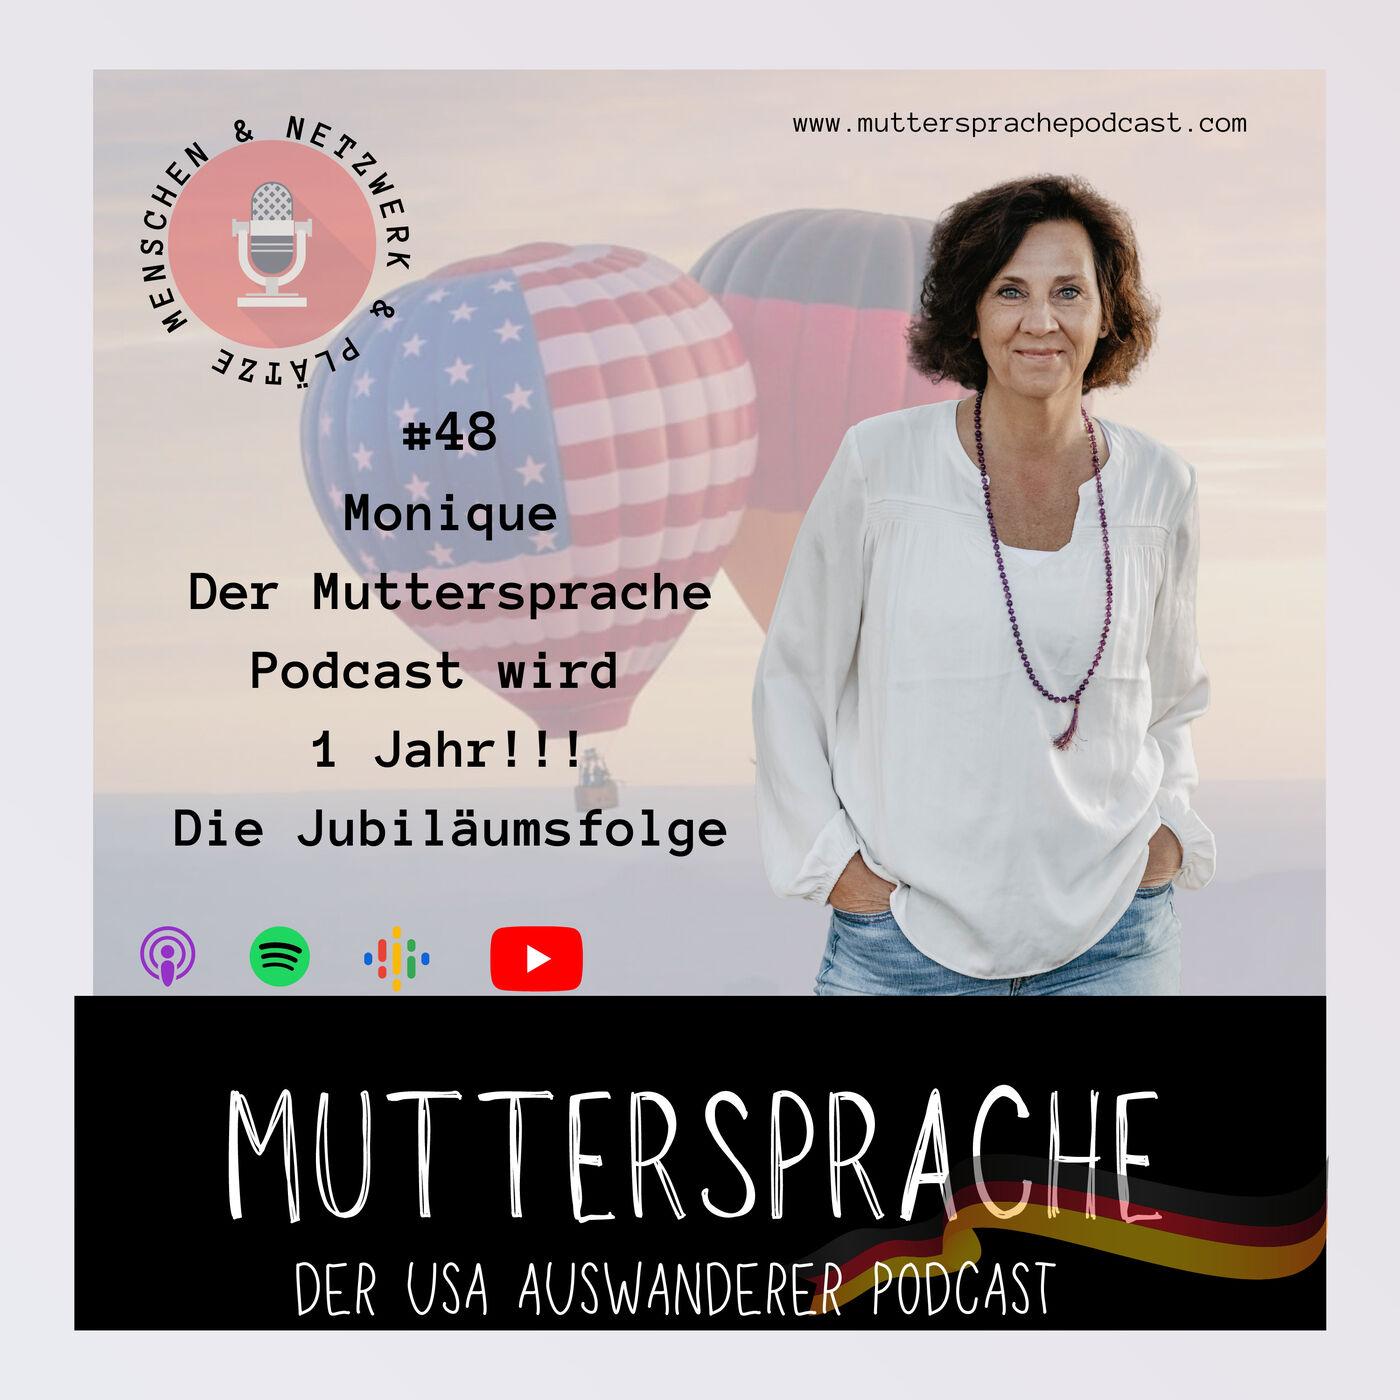 Folge 48: 1 Jahr Muttersprache Podcast - Jubiläumsfolge mit Monique